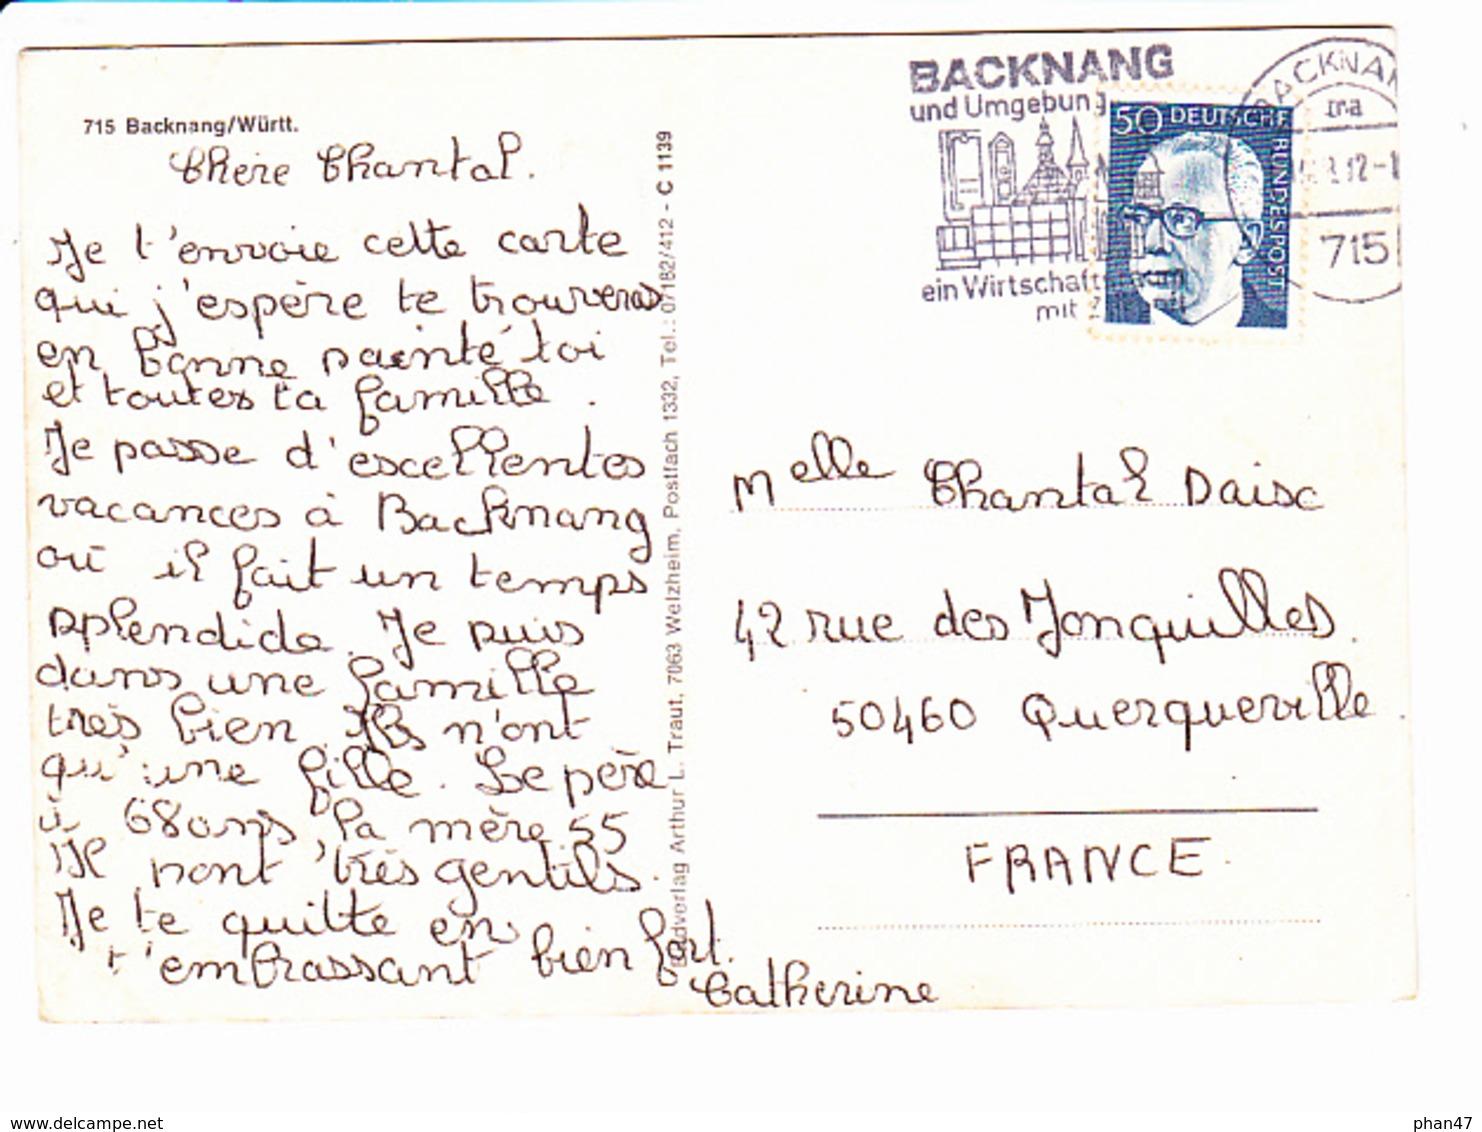 BACKNANG (Allemagne), Château D'eau, Piscine, Immeubles, 6 Vues, Blason, Ed. Arthur L. Traut 1970 Environ - Backnang